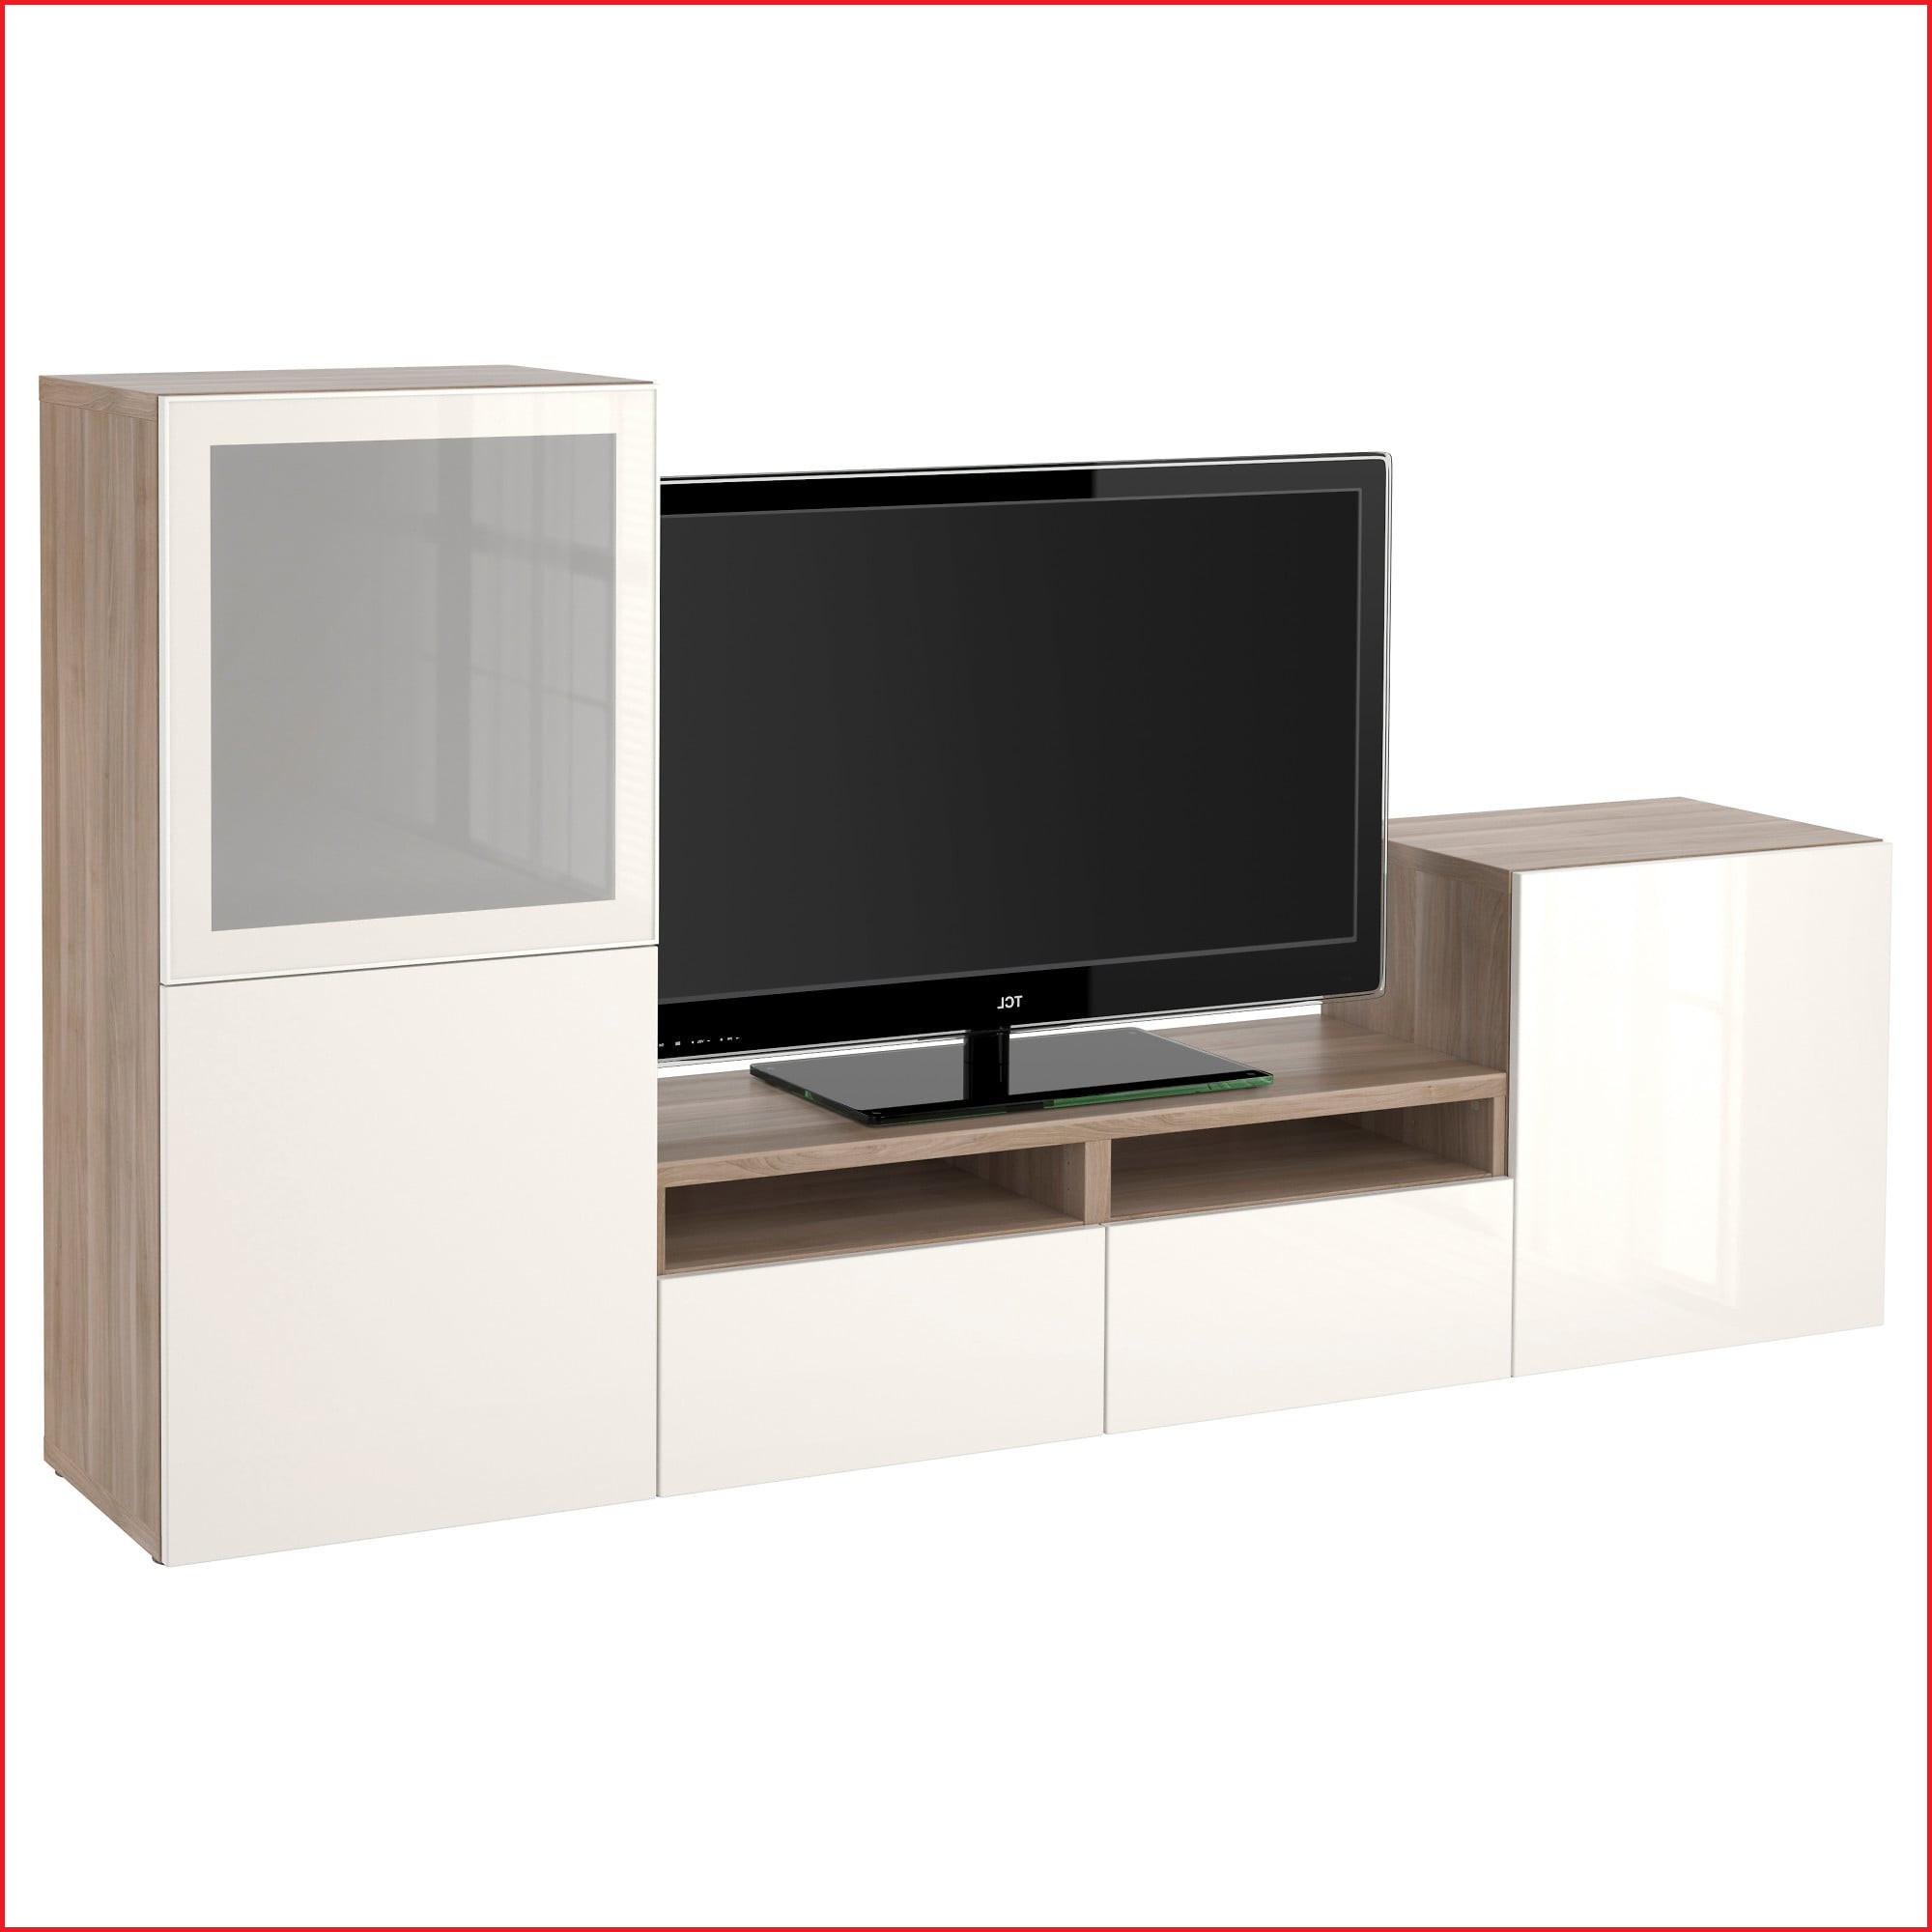 Muebles De Tv Ikea Zwdg Muebles Tv Ikea Muebles De Tv Y Muebles Para El SalN